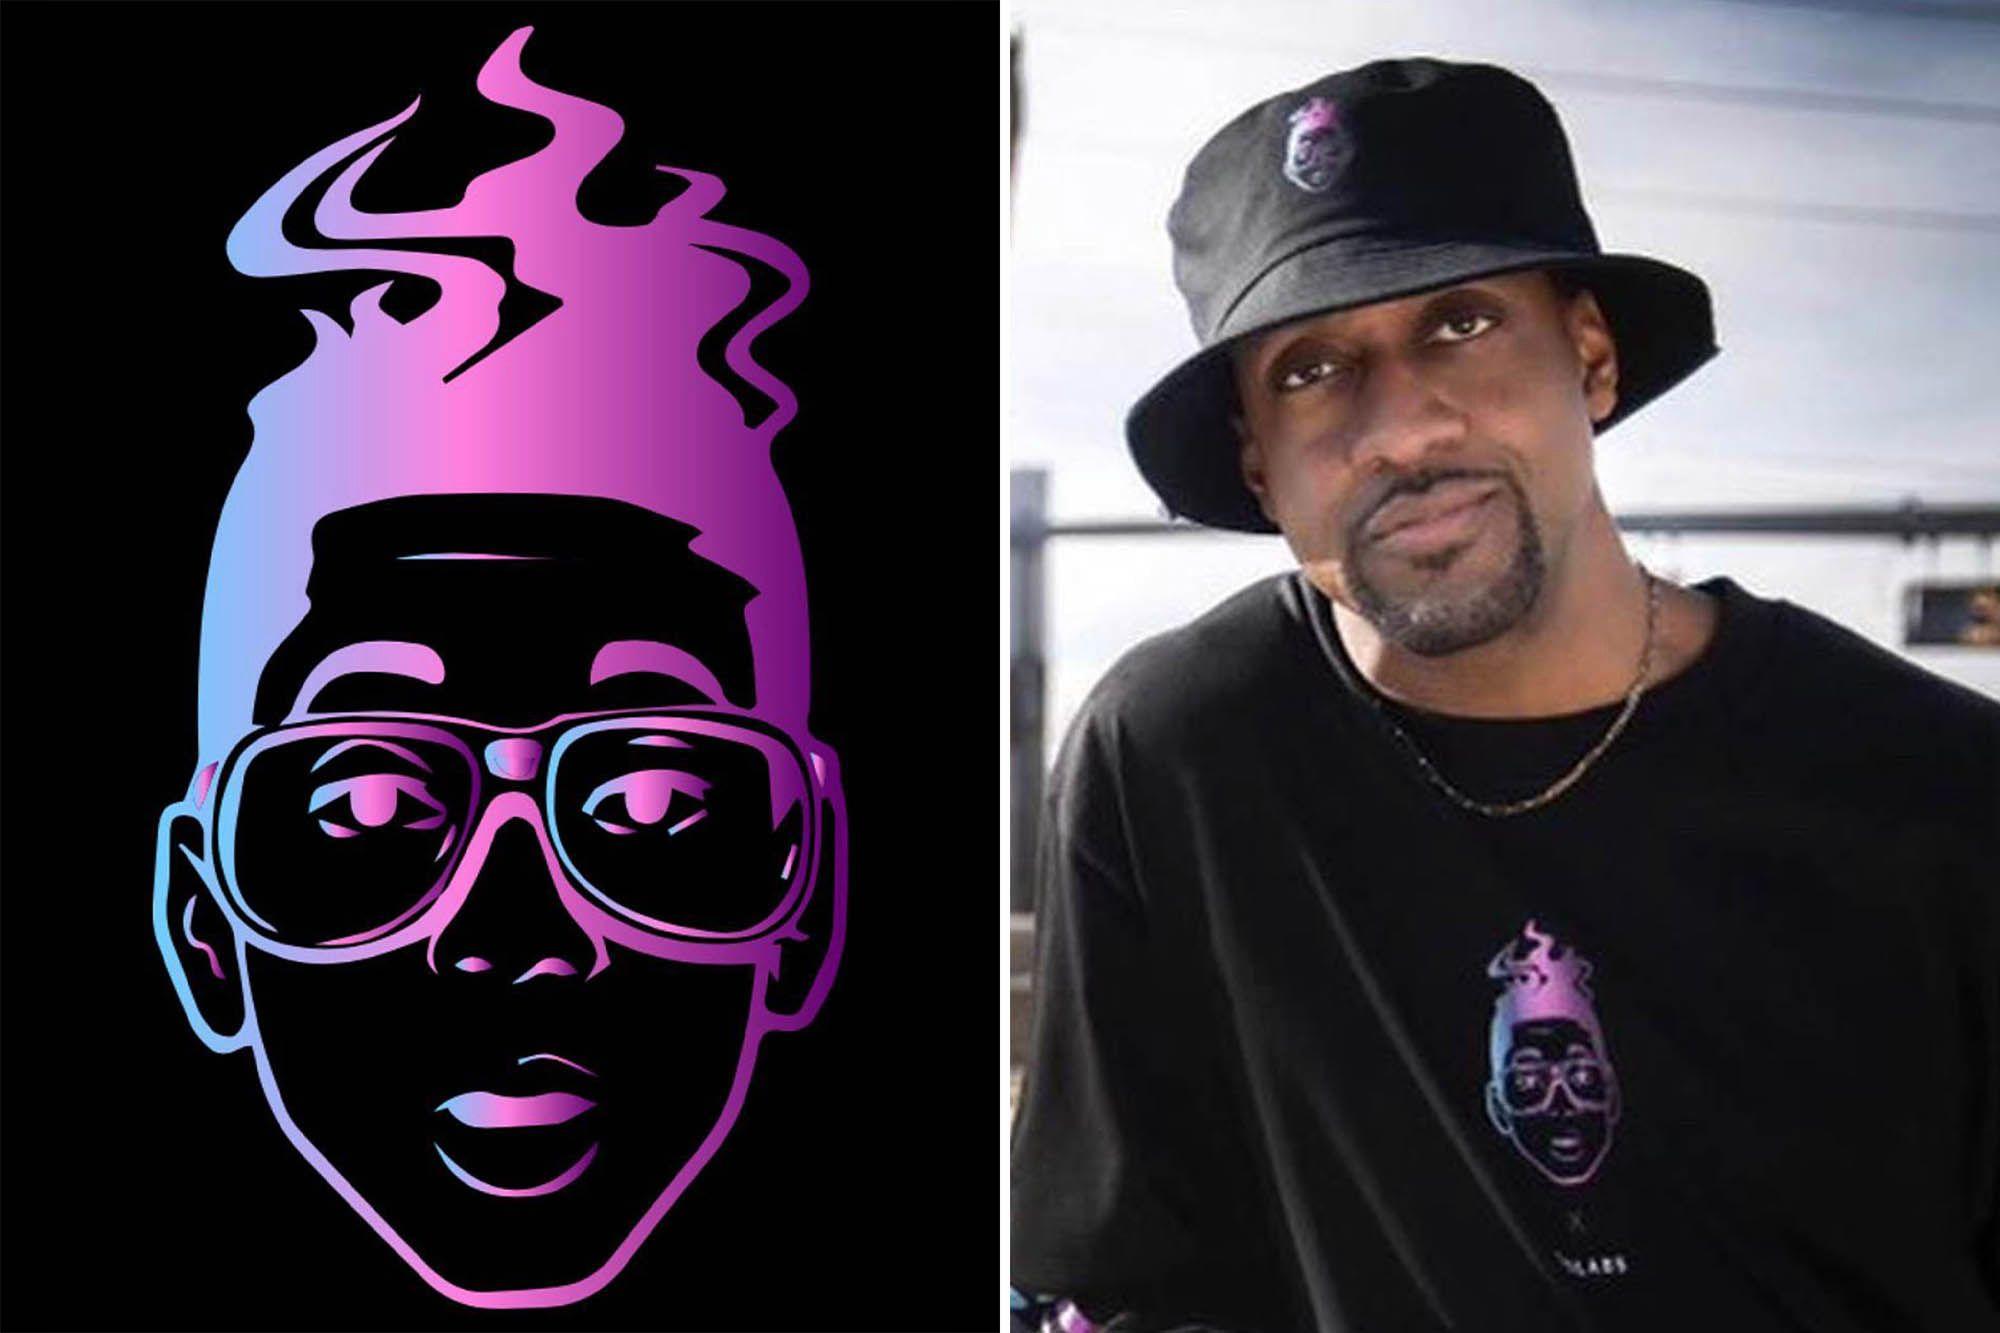 Jaleel White, el mítico Steve Urkel, se pasa el negocio de la marihuana y lanza su variedad Urkel Purple